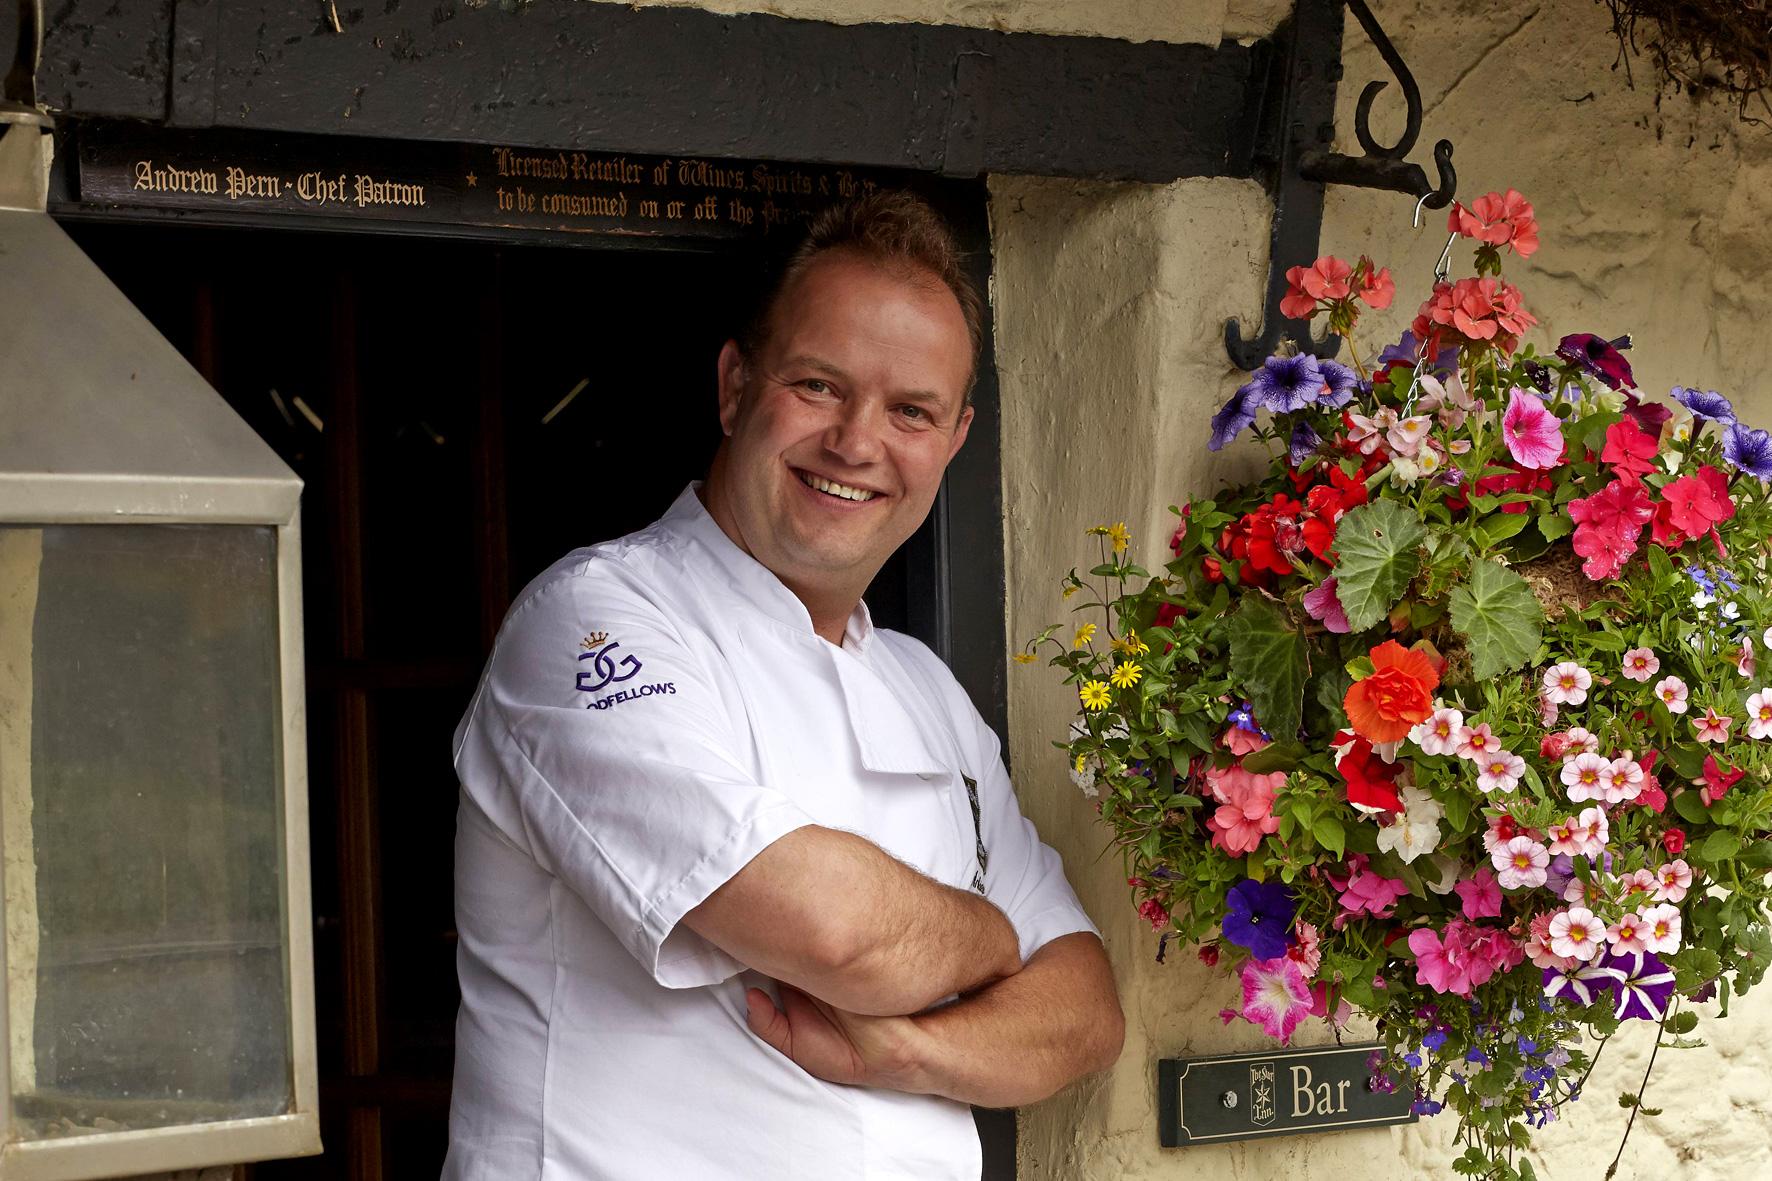 Andrew-pern-the-star-inn.jpg